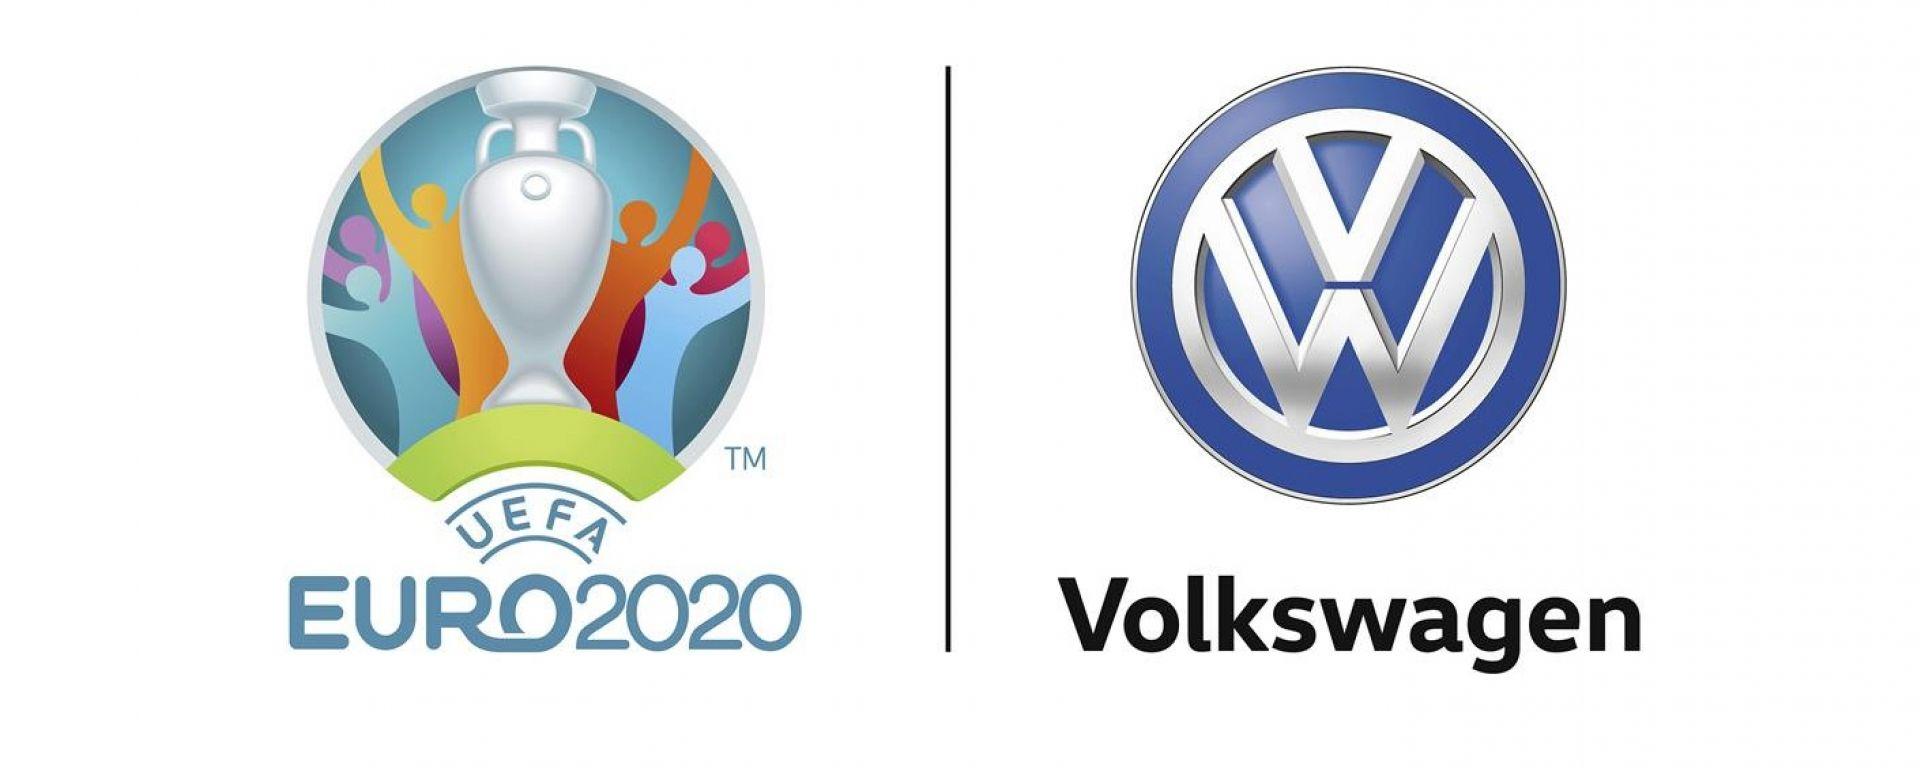 Volkswagen dal 2018 sarà partner della UEFA